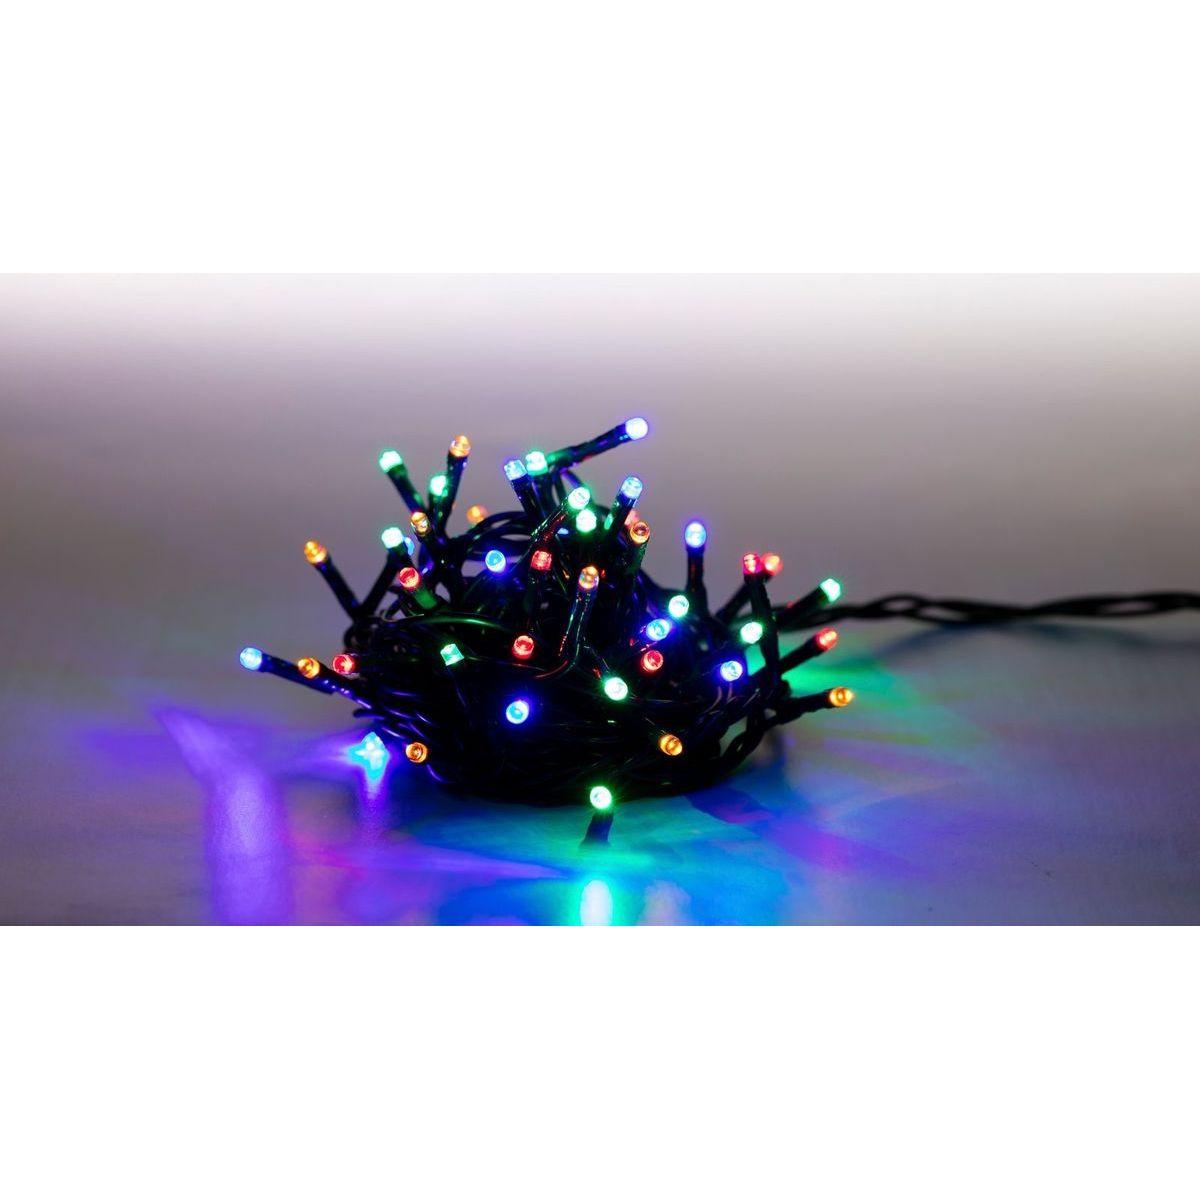 Reťaz svetelný 100 LED 5 m farebná zelený kábel 8 funkcií